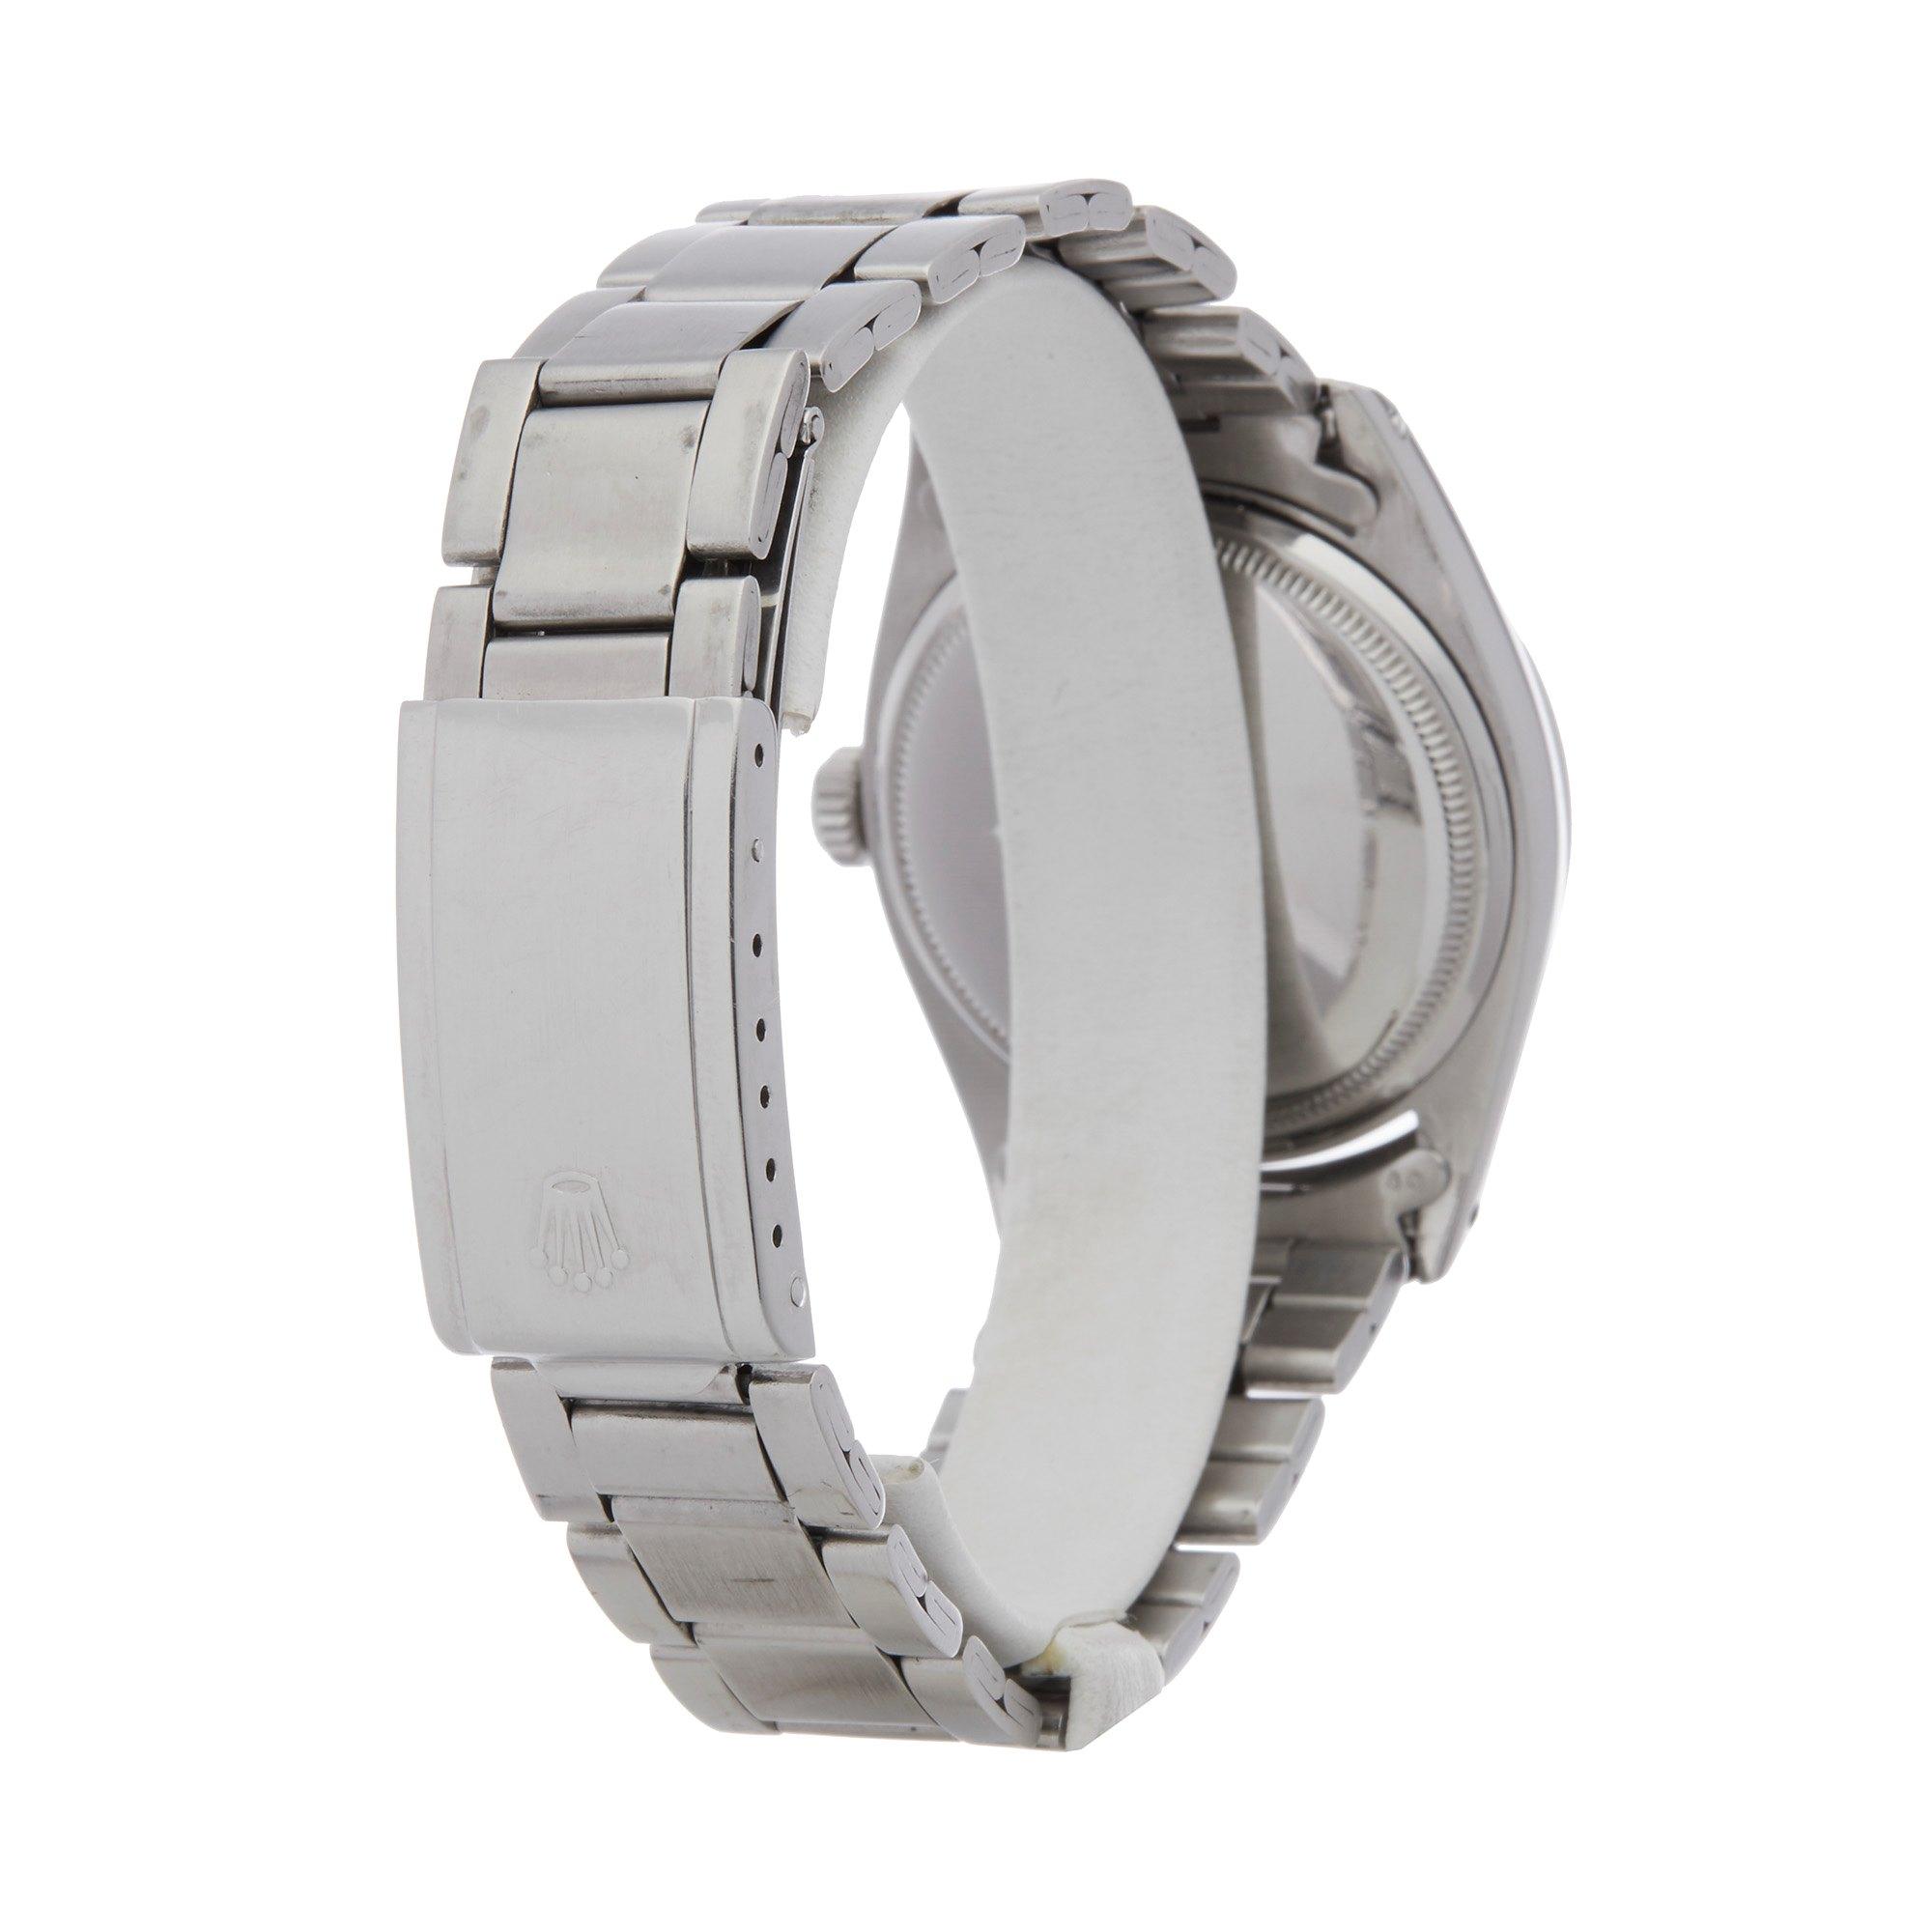 Rolex Explorer I Gilt Stainless Steel - 6610 Stainless Steel 6610